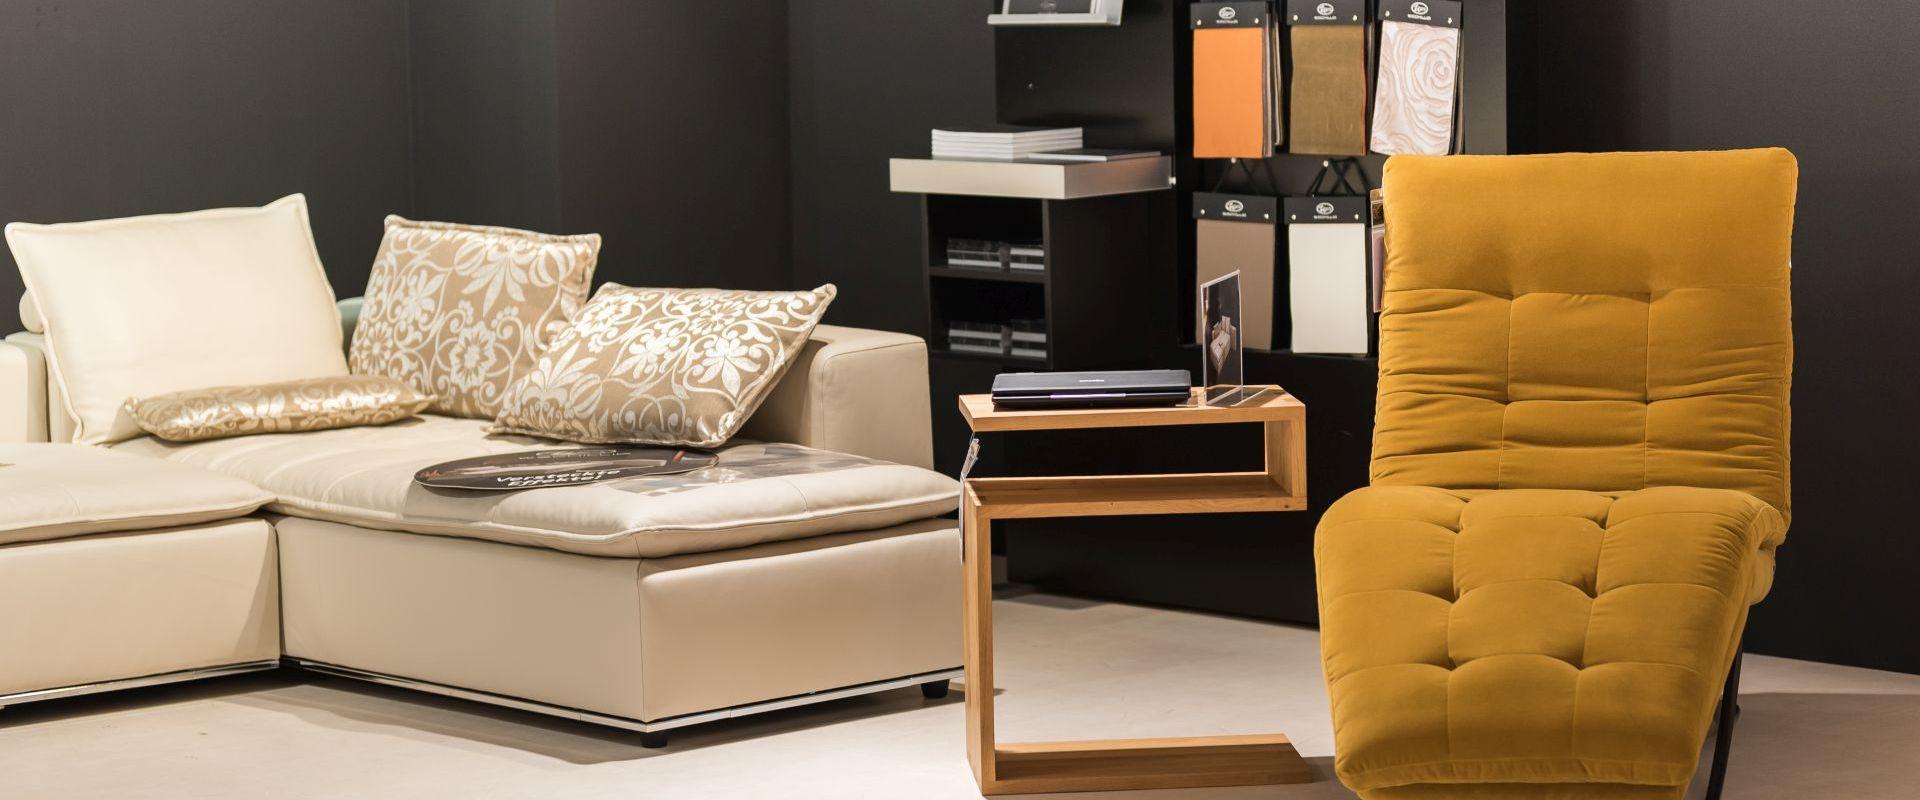 Wohnzimmermöbel kaufen in Obernburg - spilger.de